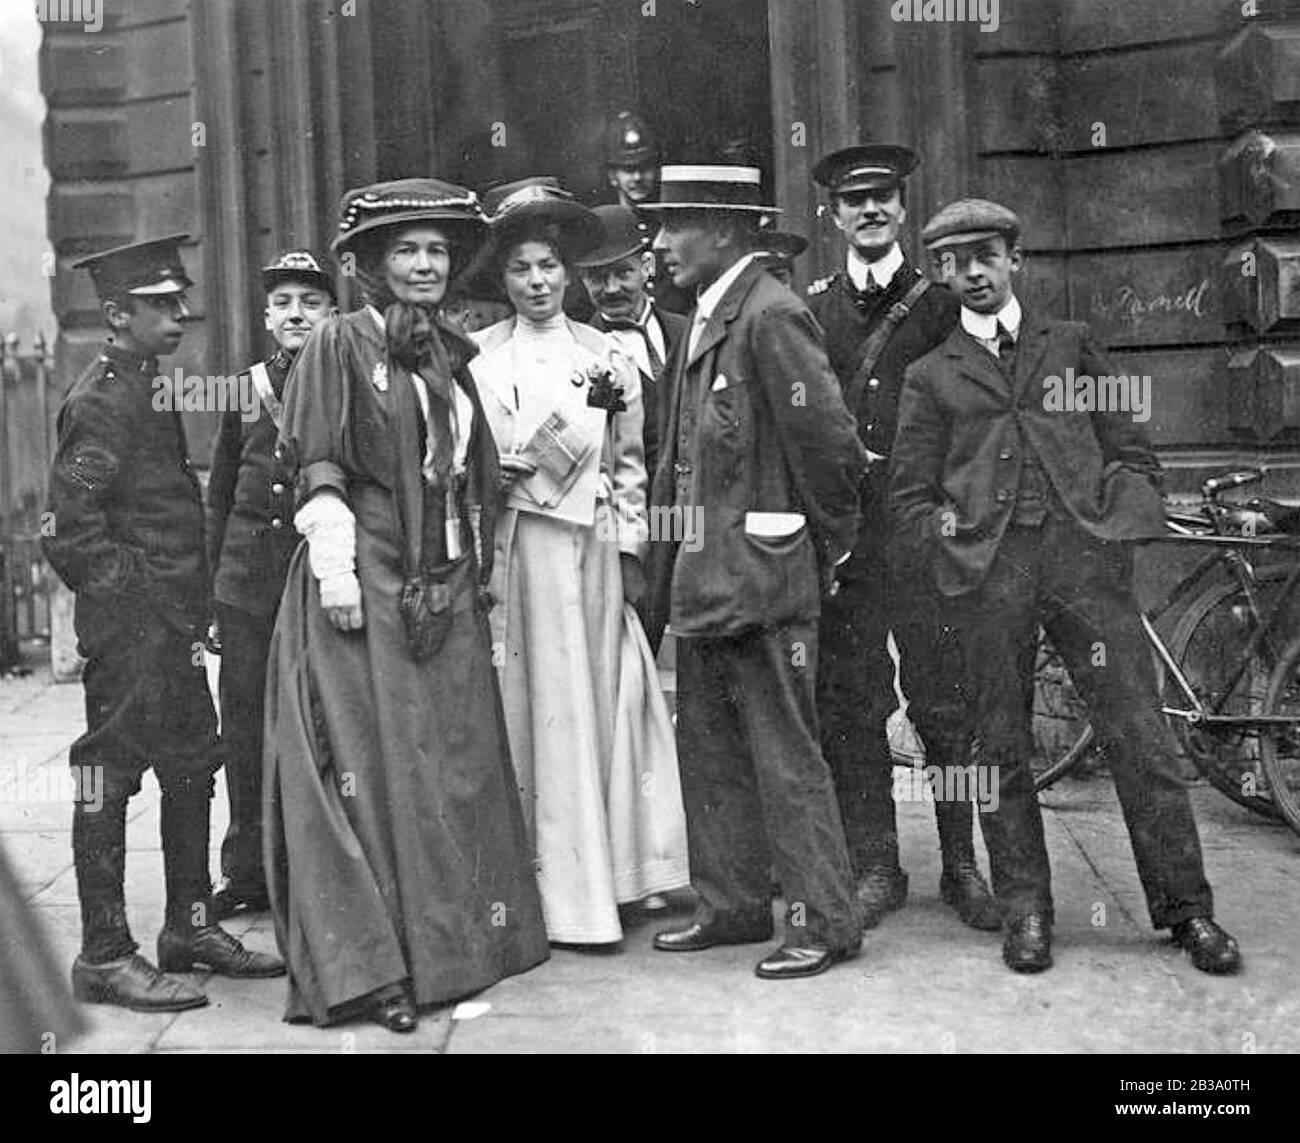 CHRISTABEL PANKHURST (1880-1958) en blanc avec l'Emmeline Pethick-Lawrence et son mari devant la Cour de justice de la rue Bow pendant le procès Rush, 14 octobre 1908. Elle a été condamnée l'année suivante. Banque D'Images